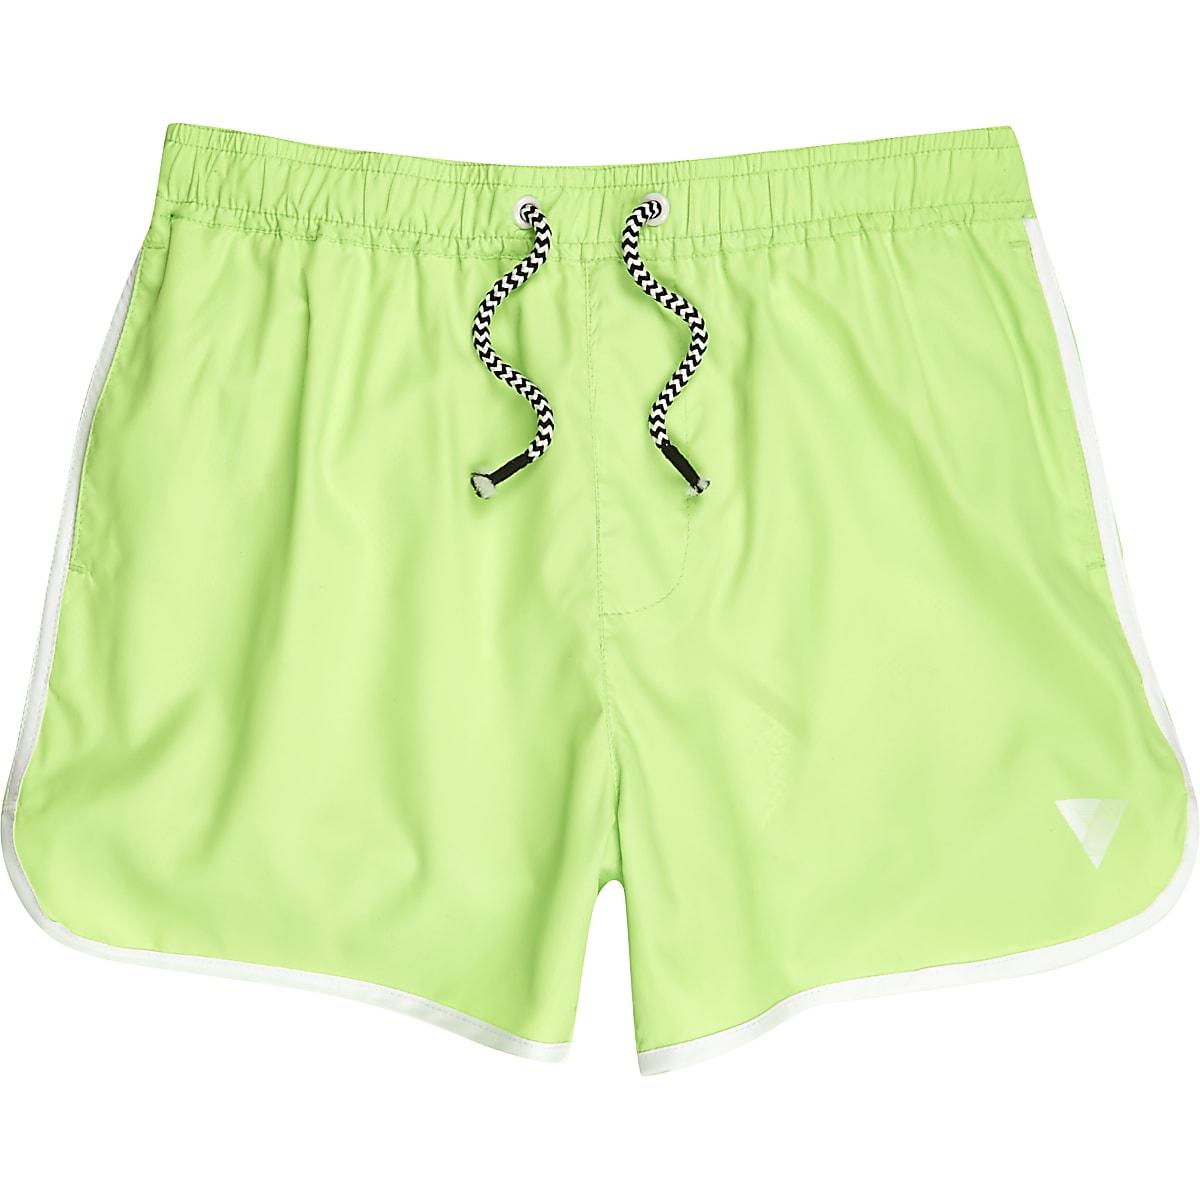 Boys fluro lime green runner swim shorts